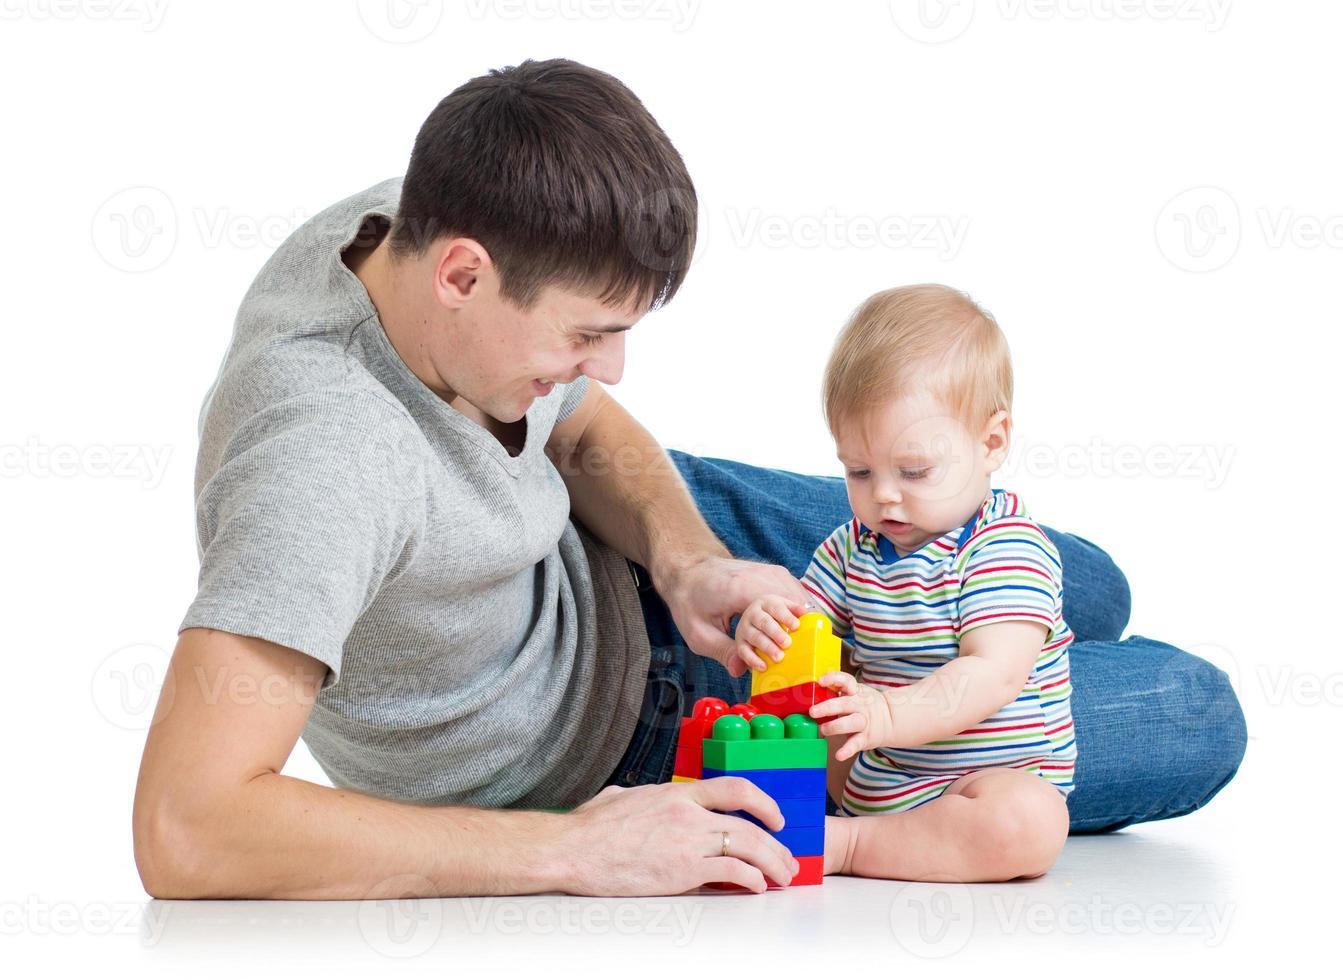 pojke och pappa som leker tillsammans foto